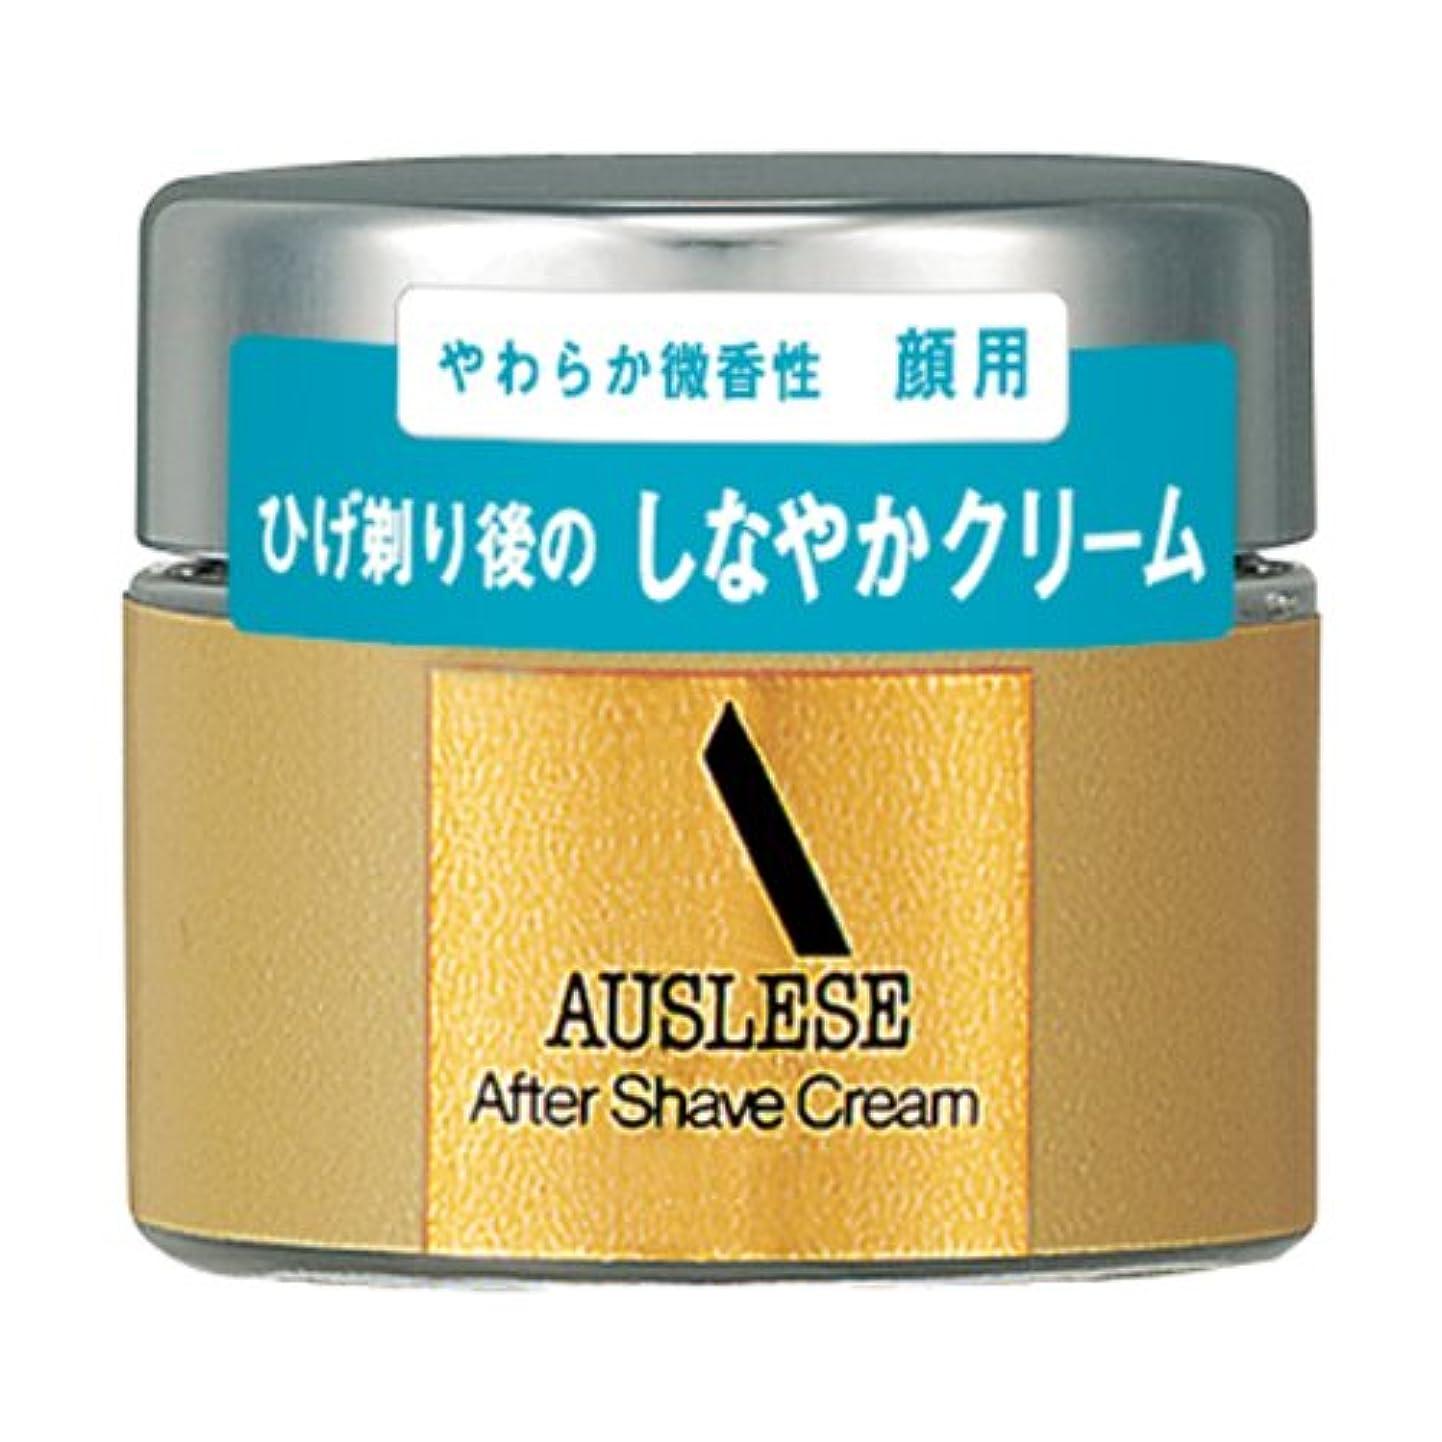 スナック餌原油アウスレーゼ アフターシェーブクリームNA 30g 【医薬部外品】